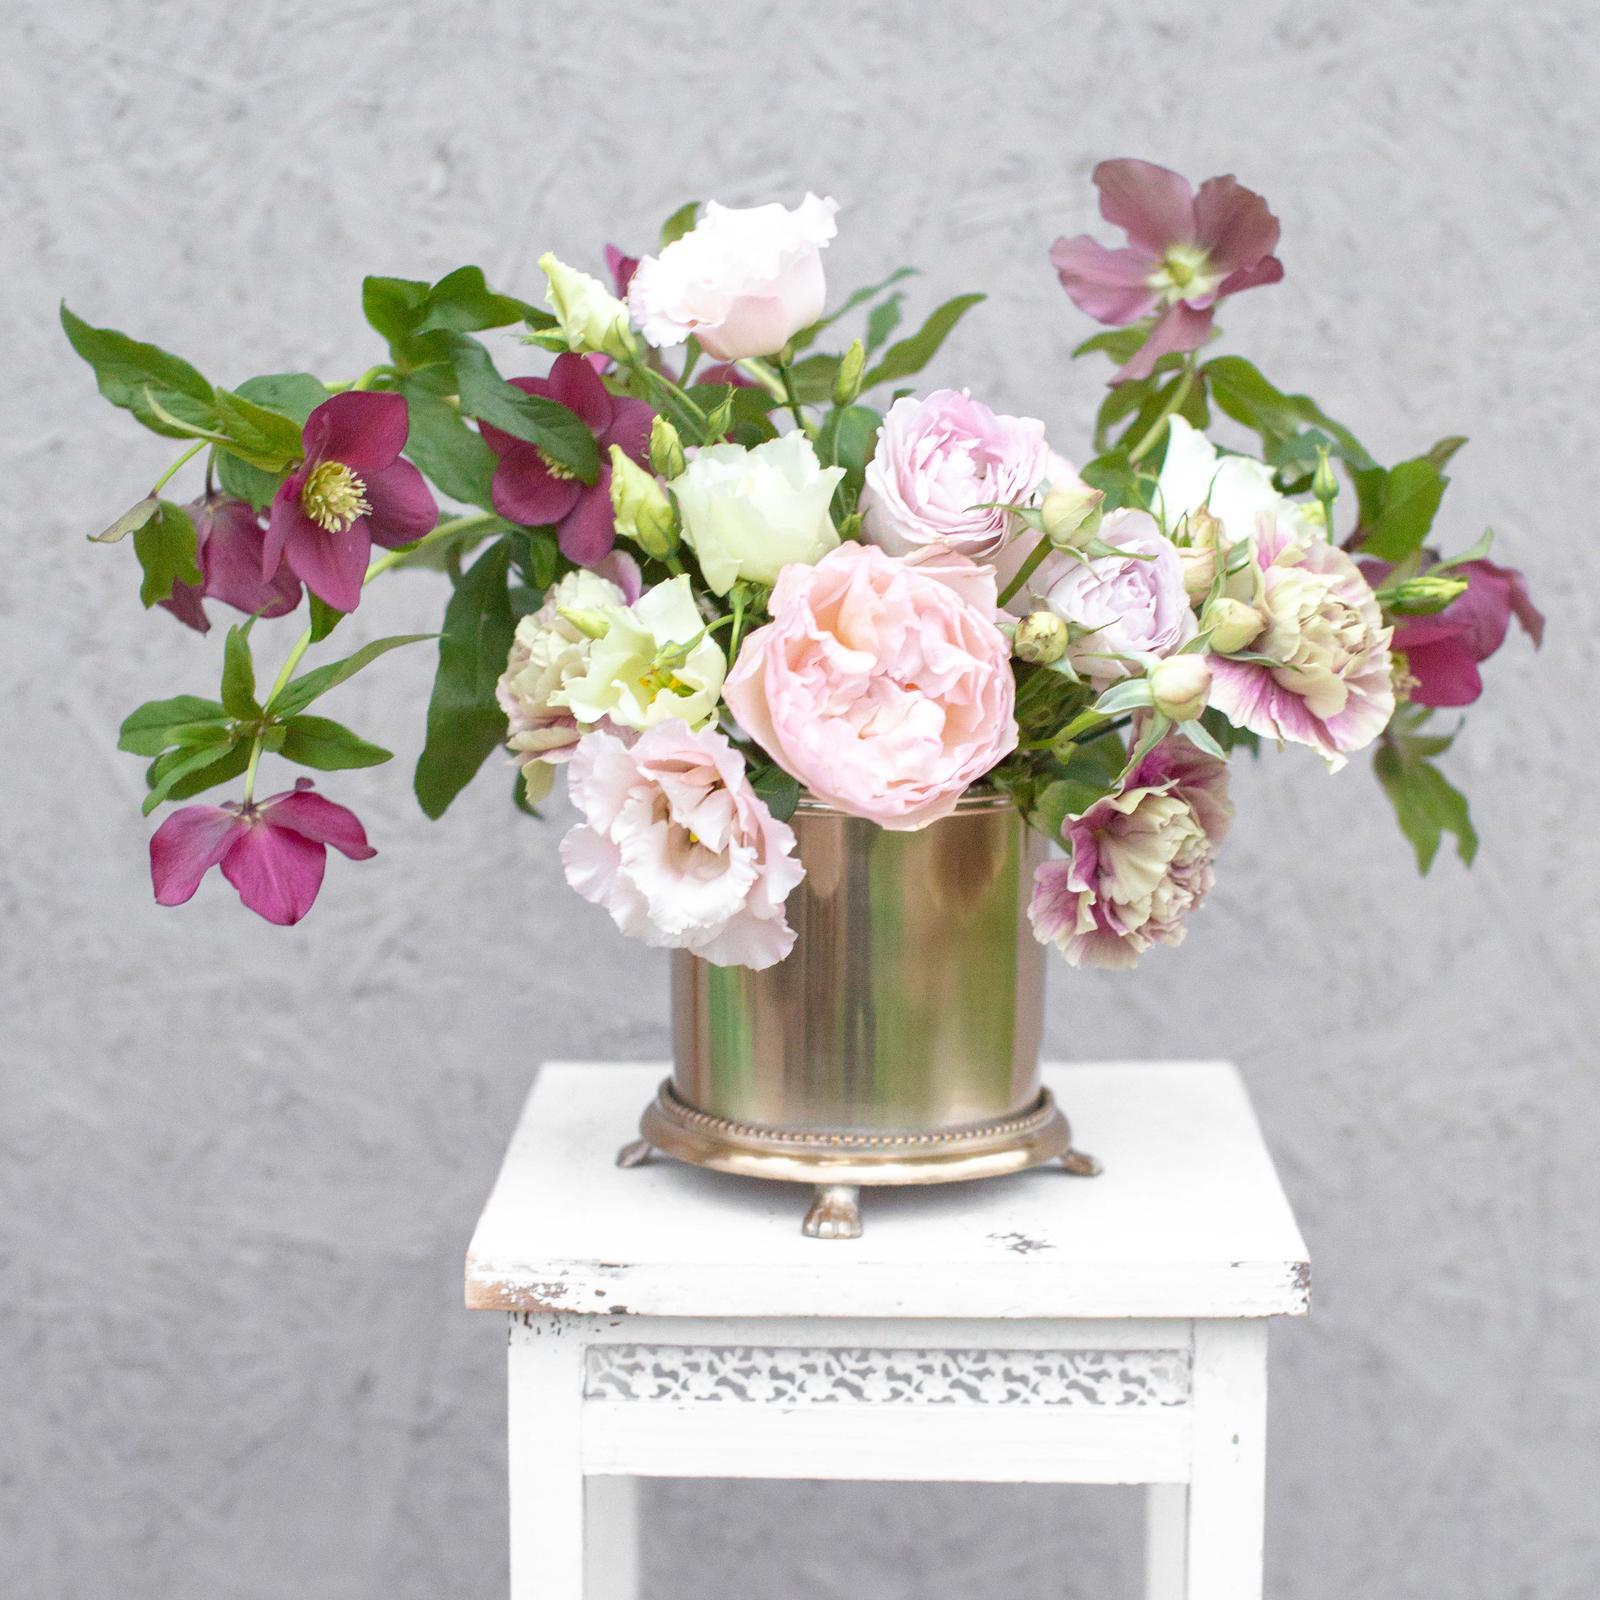 Mosadzné nádoby na kvetinové aranžmány (prenájom) - Obrázok č. 1